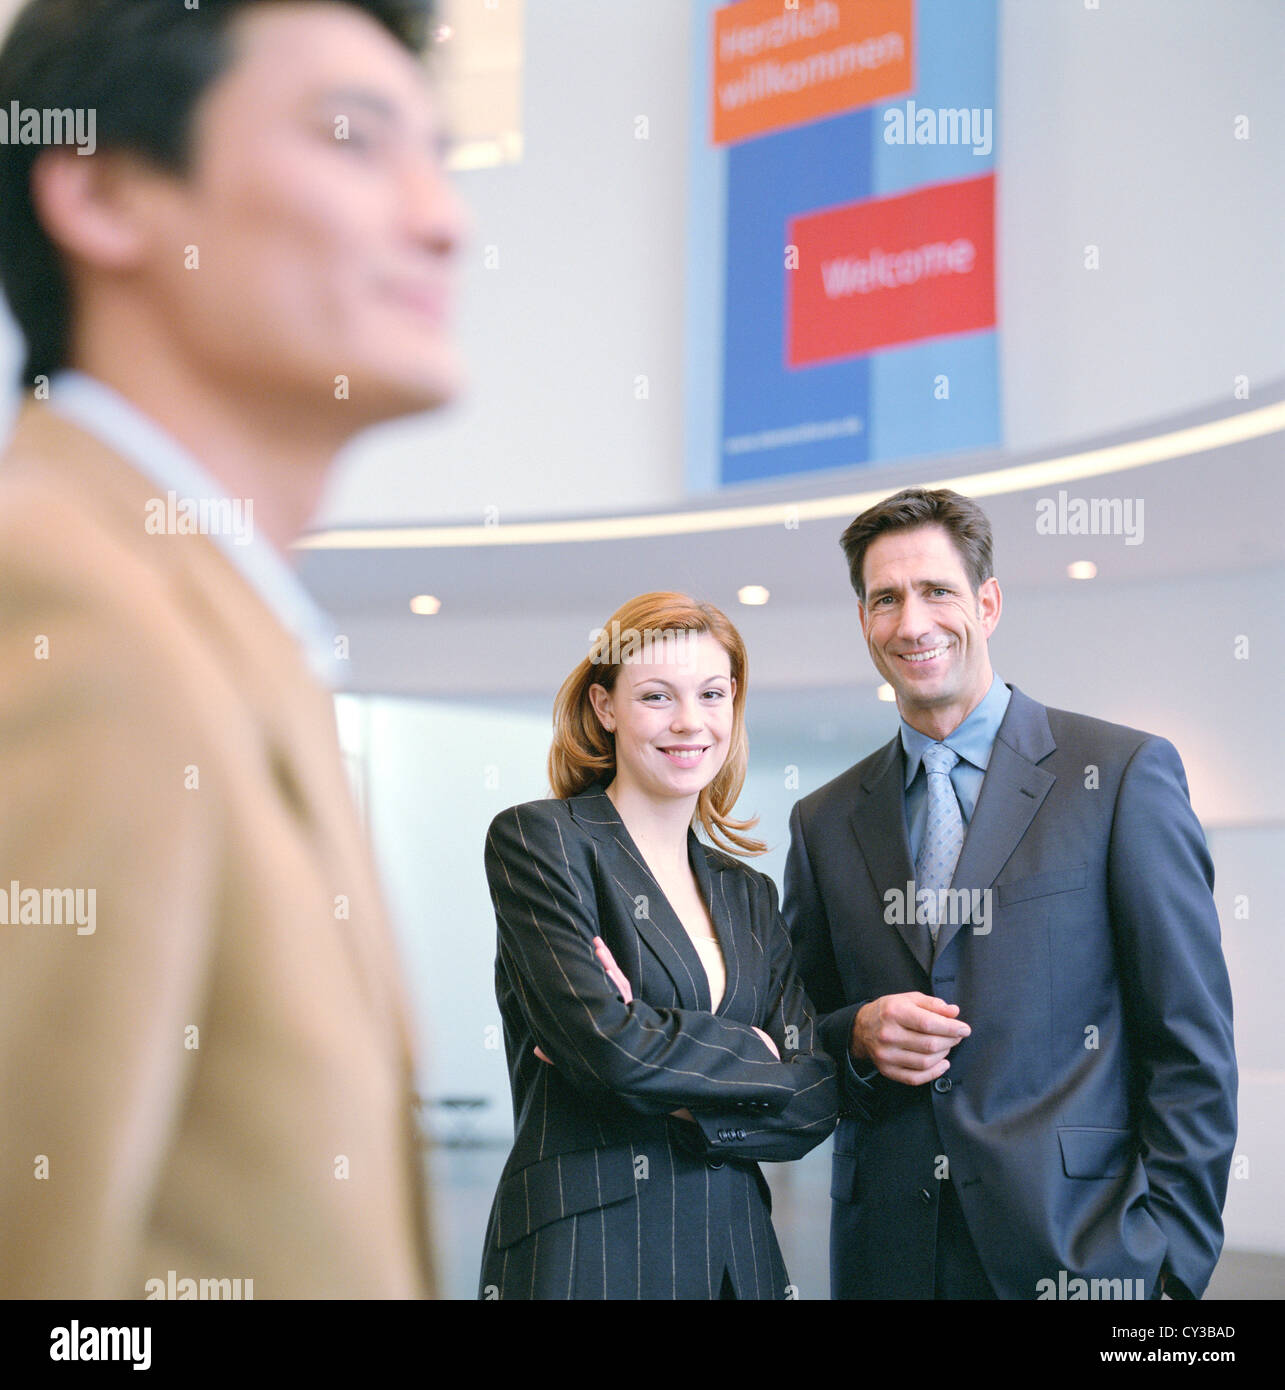 Manager business uomo donna gruppo licenza gratuita ad eccezione di annunci e cartelloni per esterni Immagini Stock